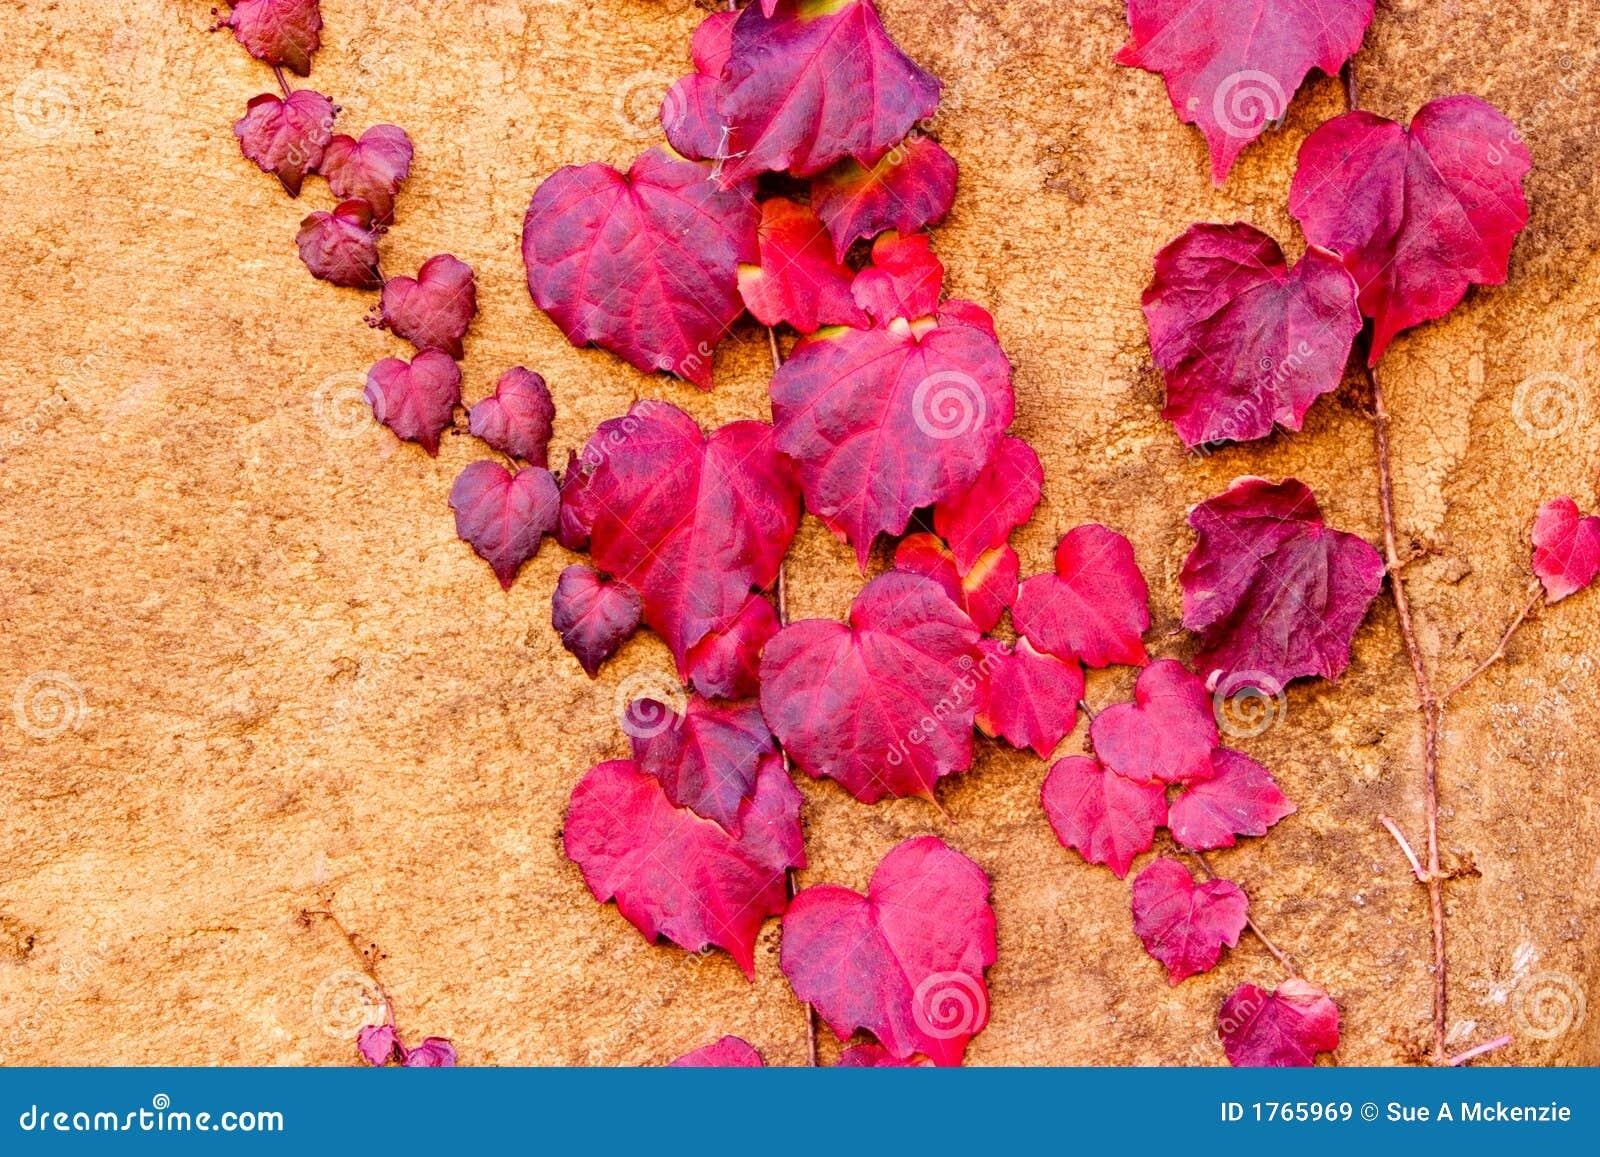 Jesień ivy wspinaczkowy wzór czerwoną stiuk mur.